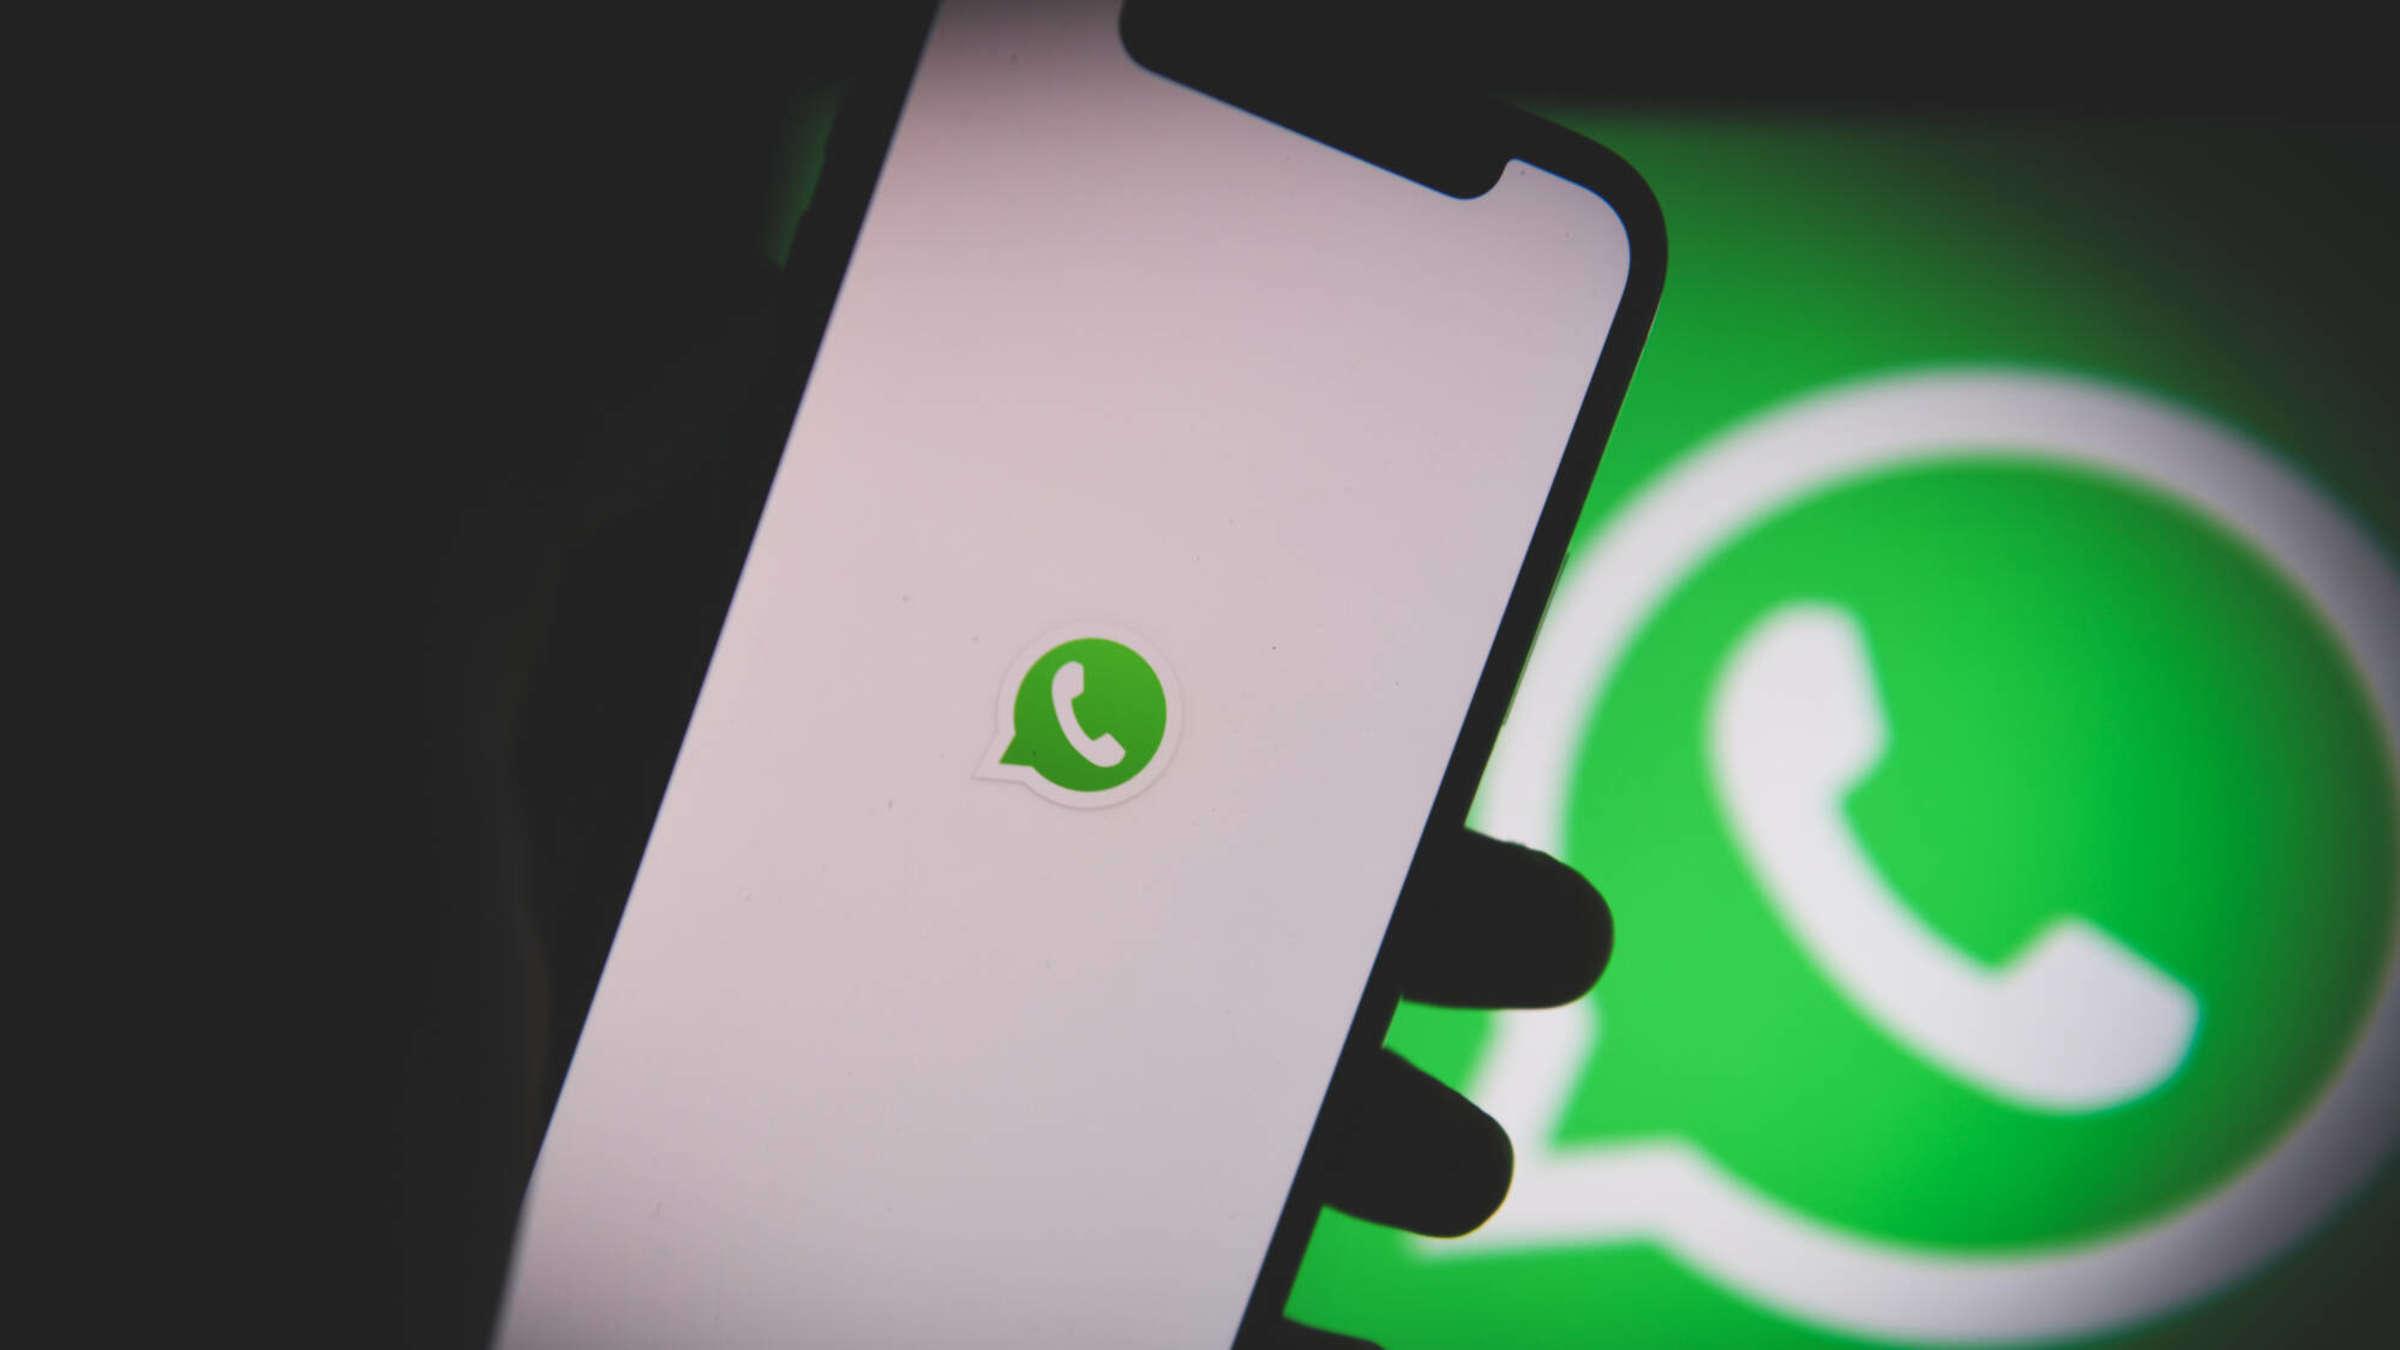 WhatsApp Update Dieses Symbol zerstört Ihre Nachrichten   Es gibt ...